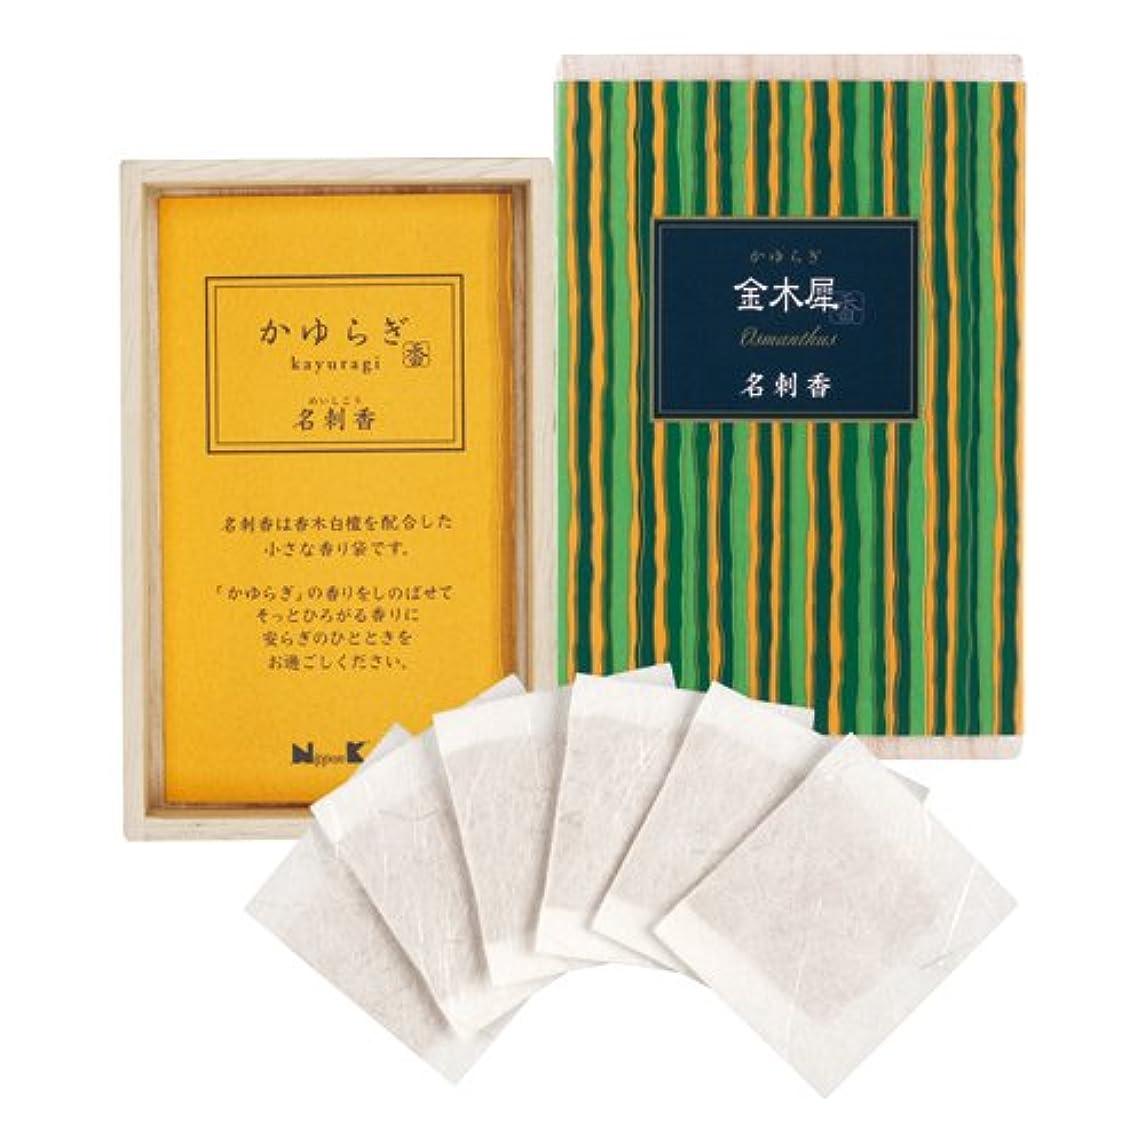 びんさようなら伝統かゆらぎ 金木犀 名刺香 桐箱 6入